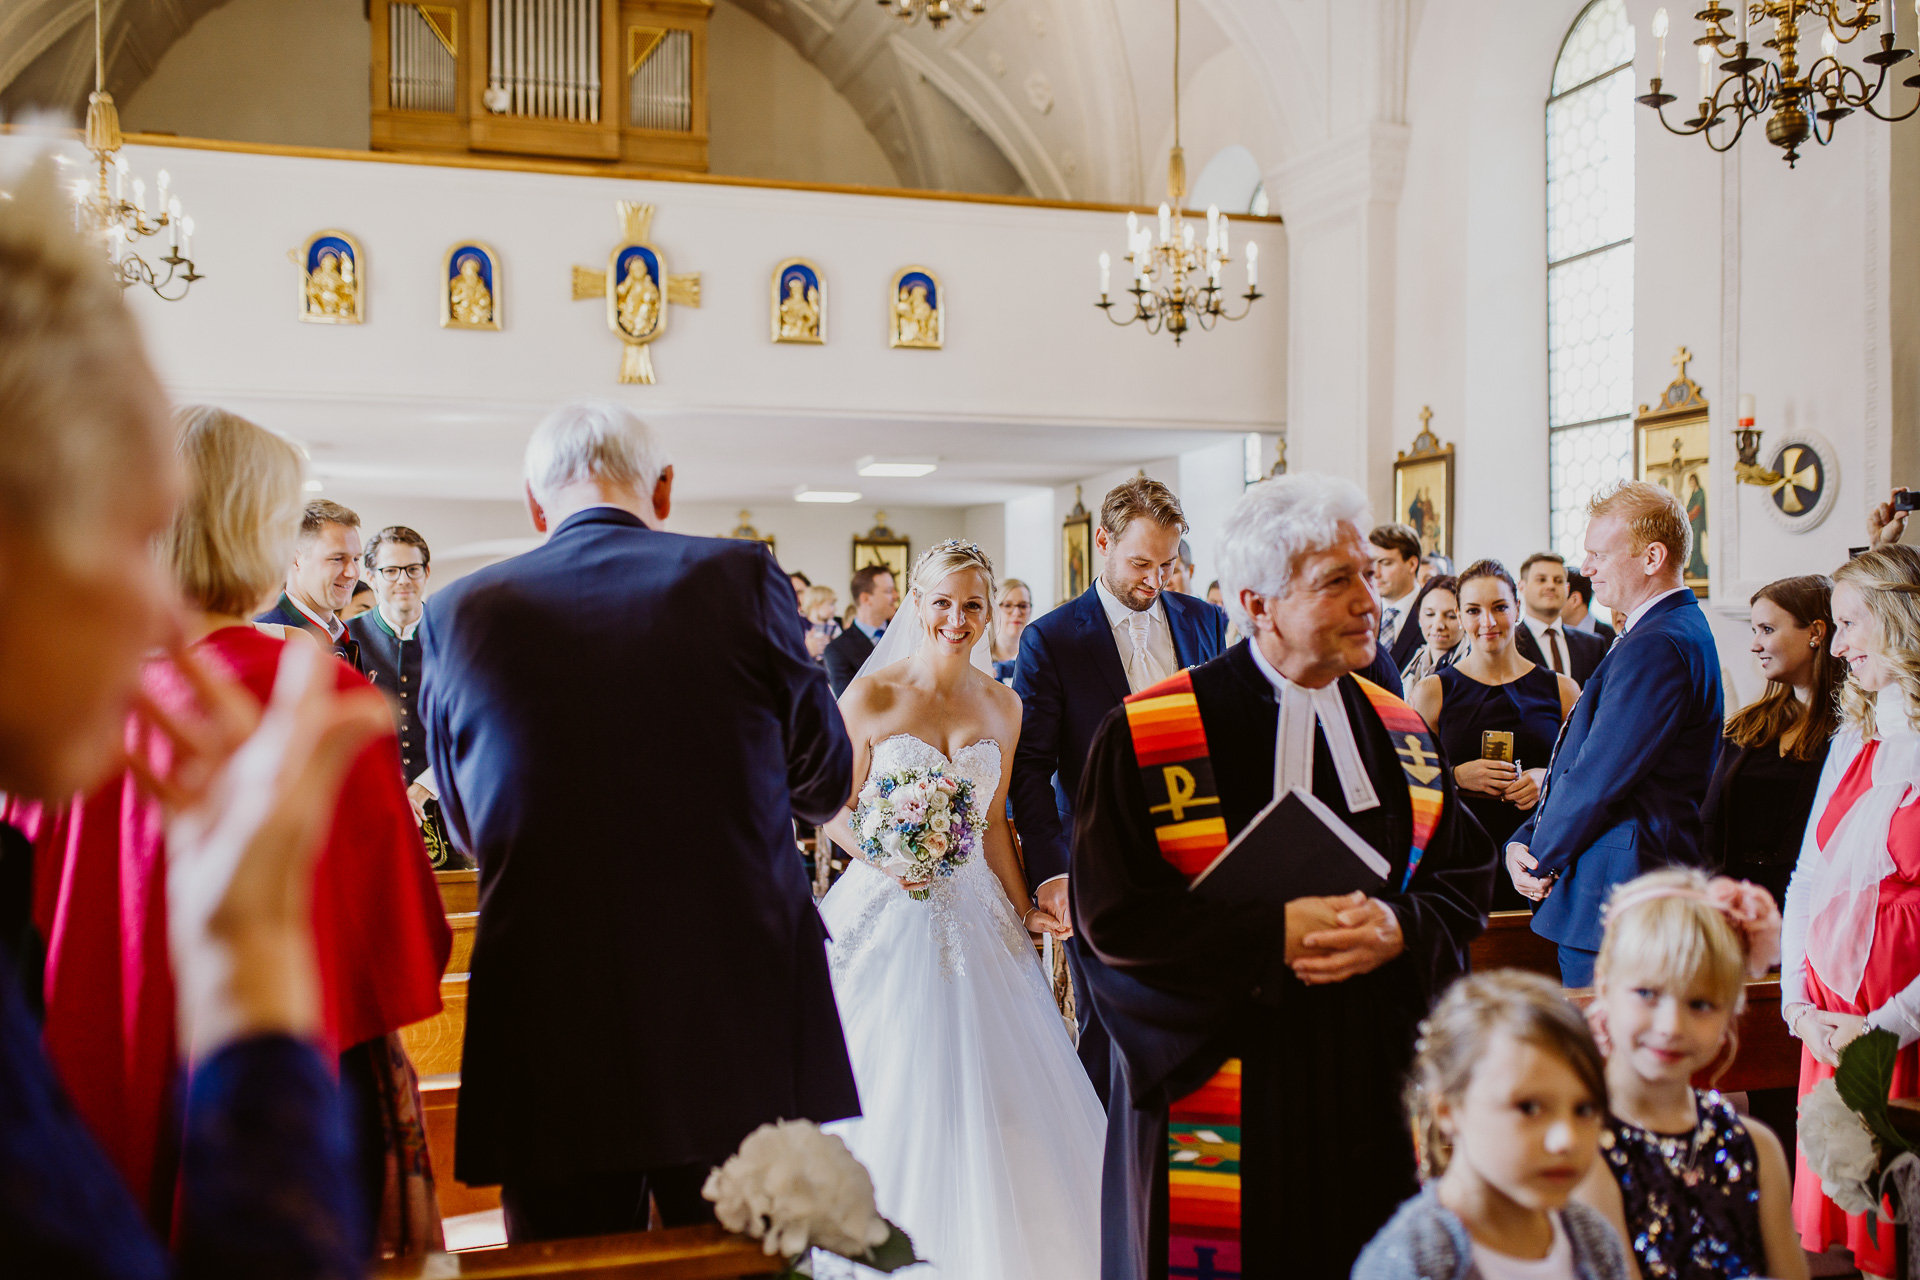 Alexander Utz, Fotografie, Hochzeit, Augsburg, Brautkleid, Brautstrauss-36